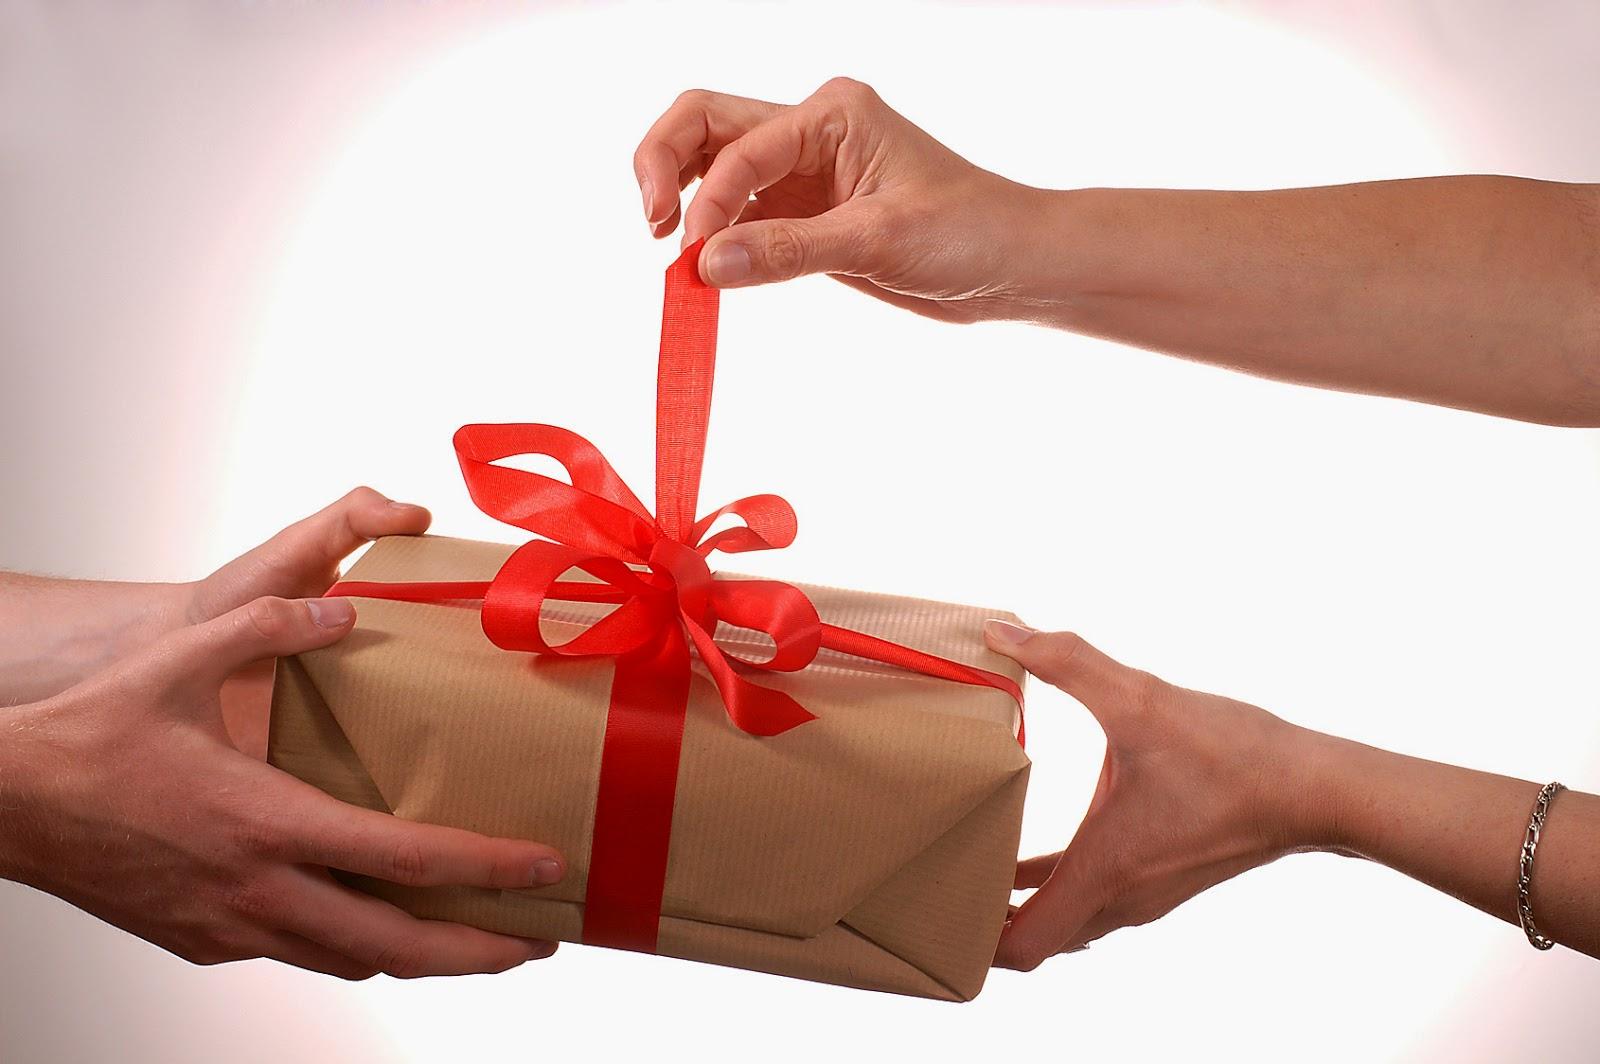 WonderFox Christmas Giveaway!